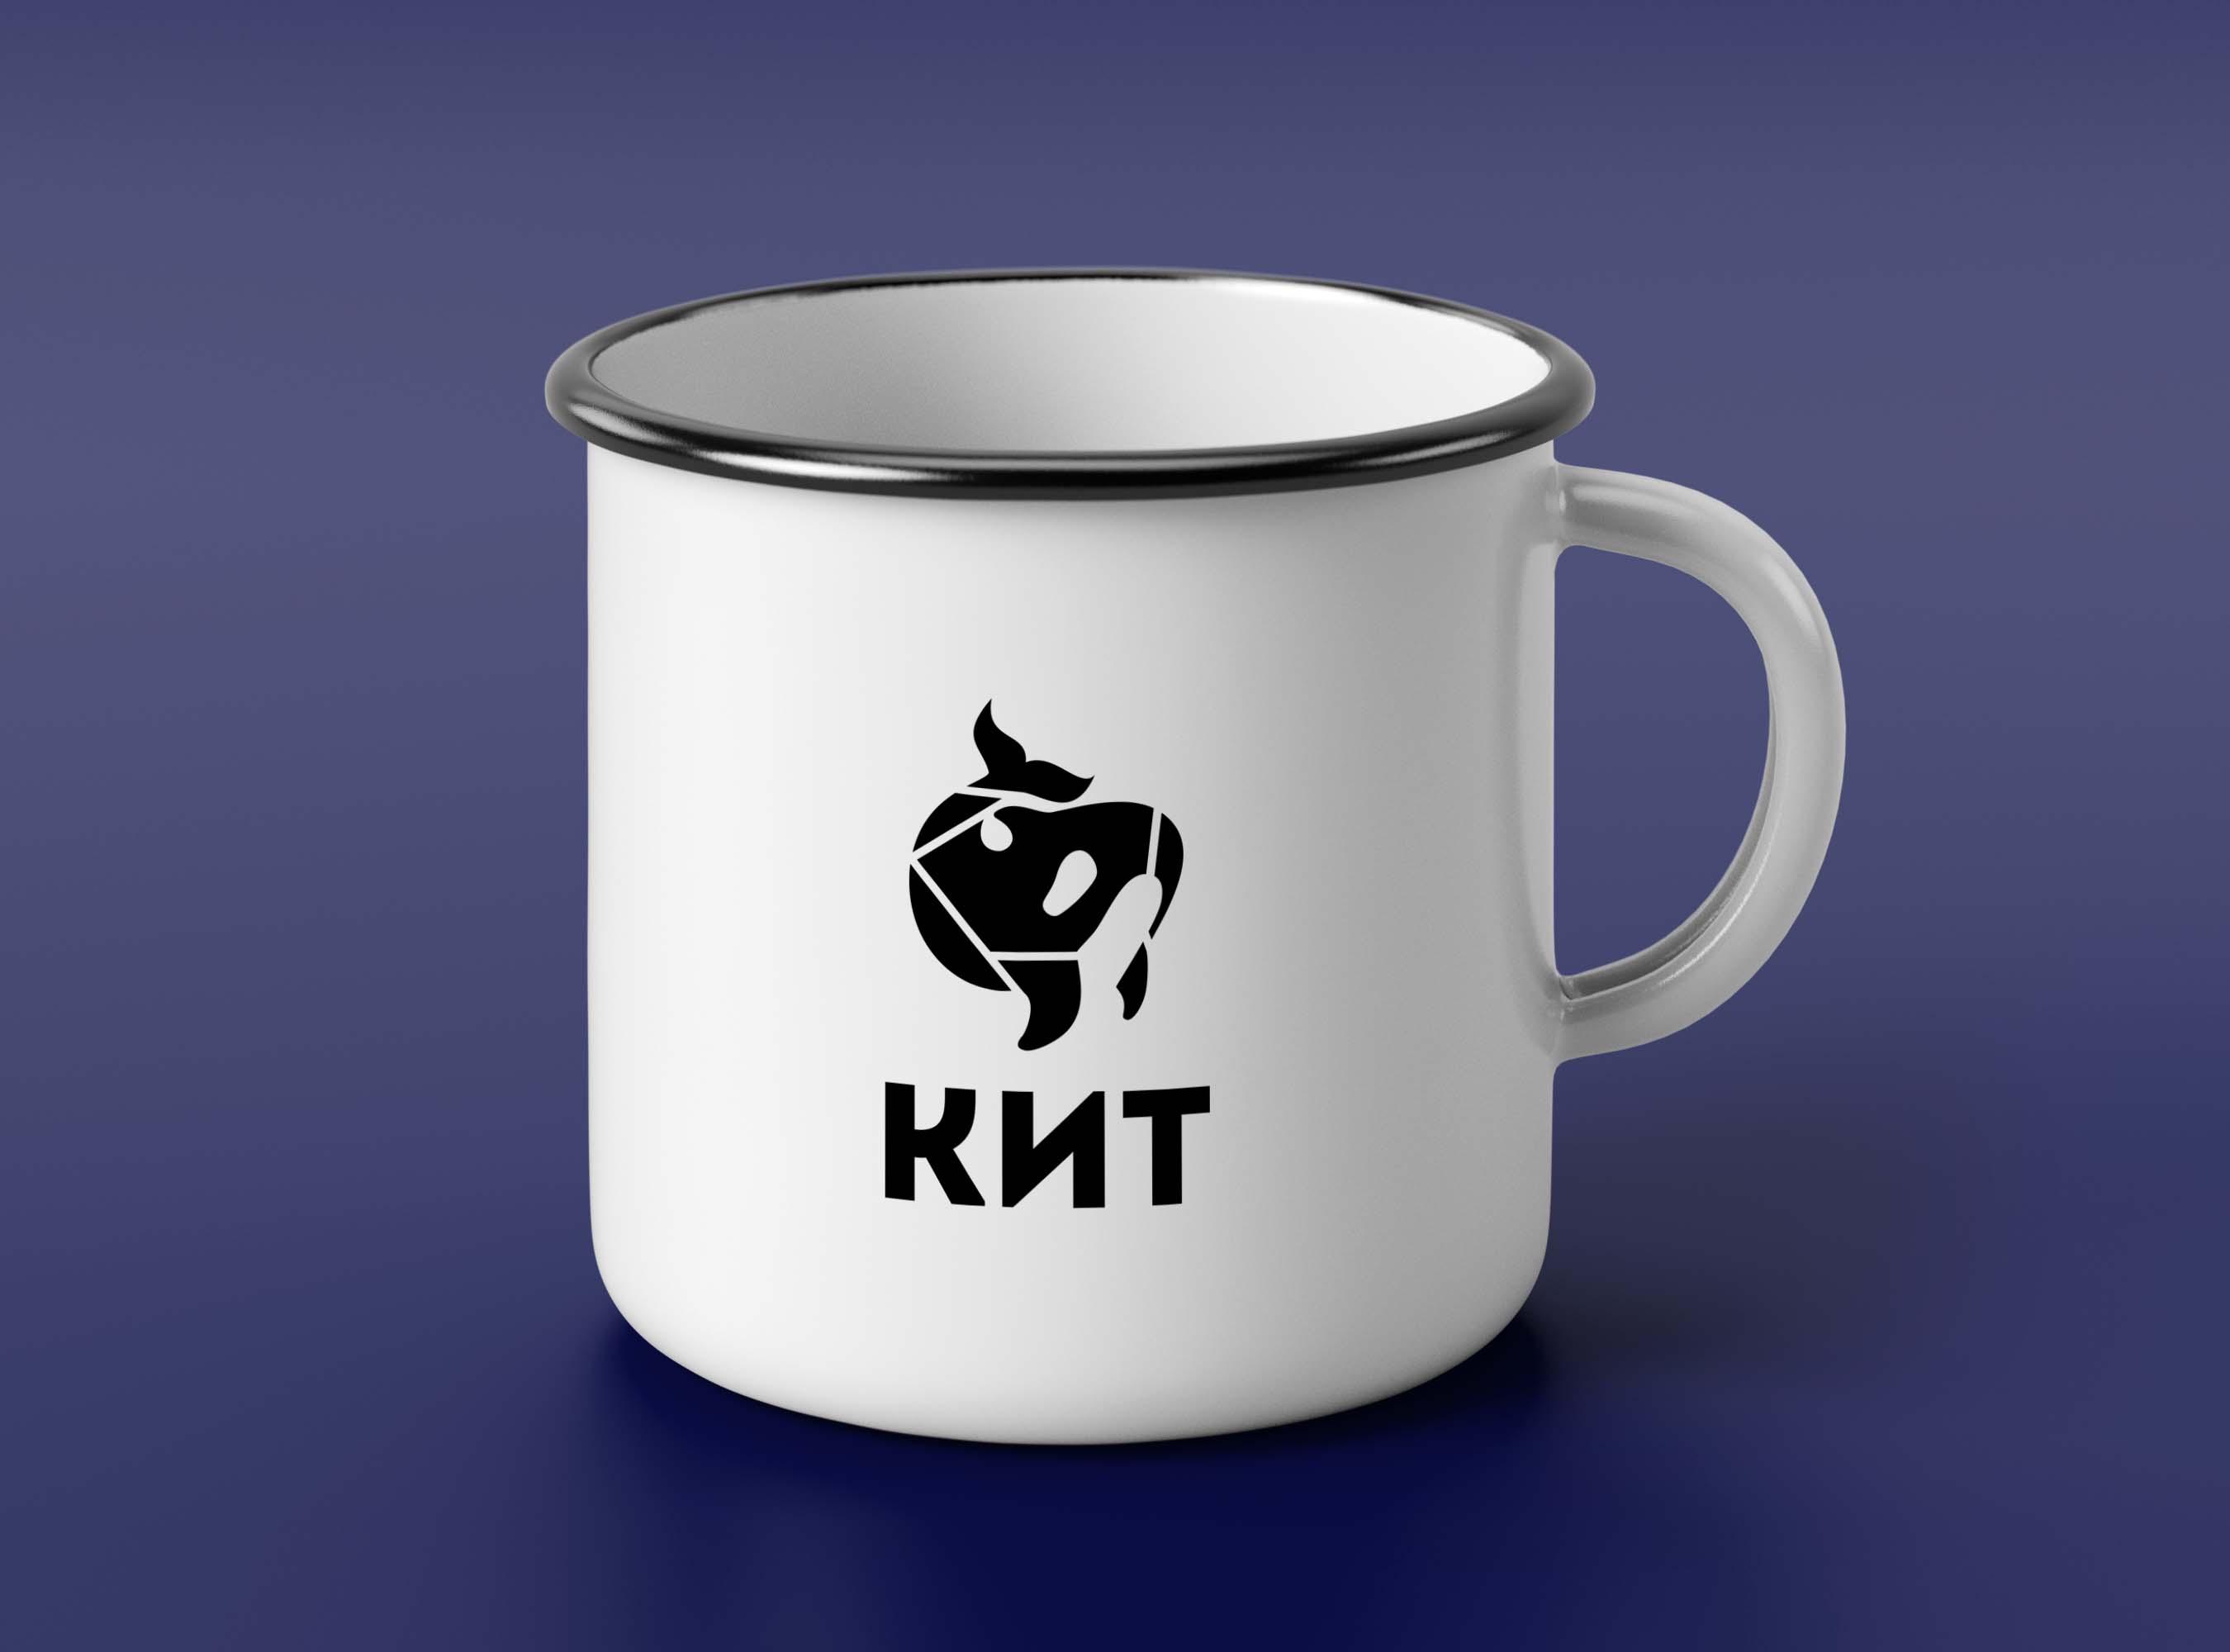 Разработка фирменного символа компании - касатки, НЕ ЛОГОТИП фото f_0985afdf8384e81c.jpg